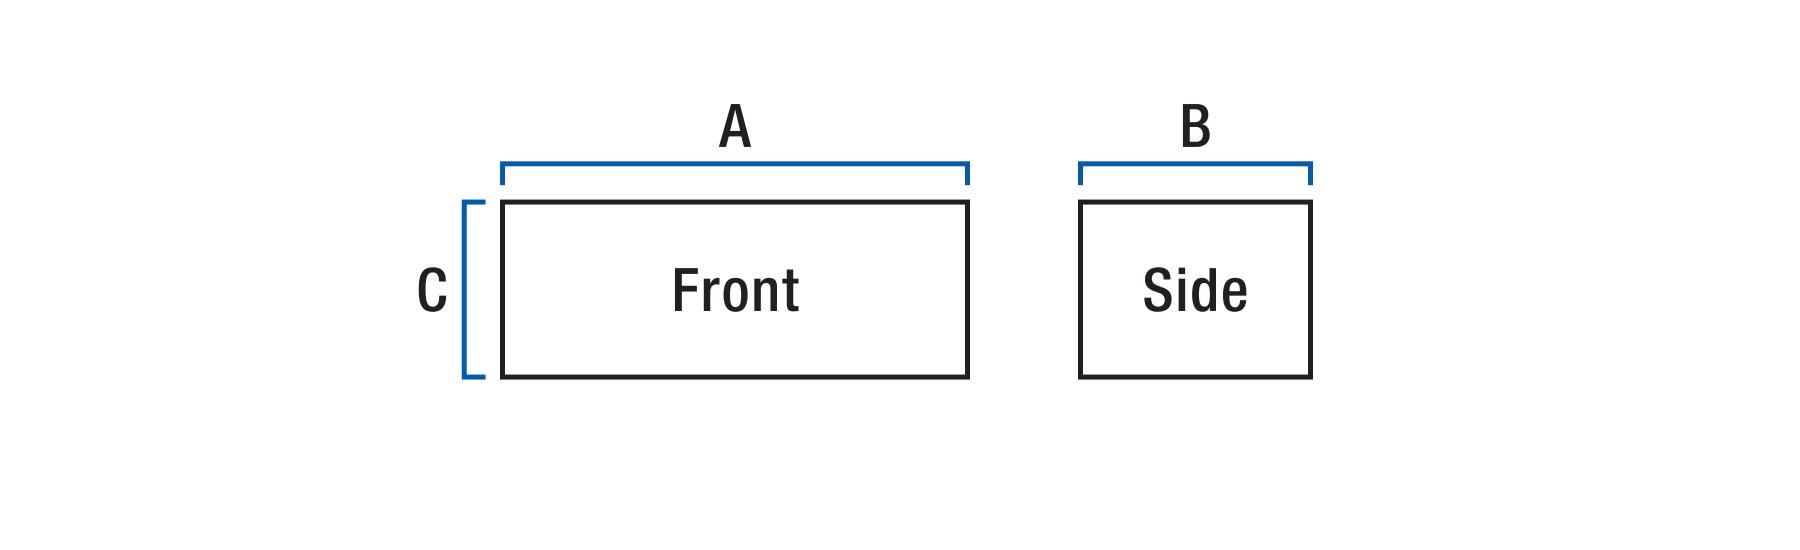 diagram_1800x550